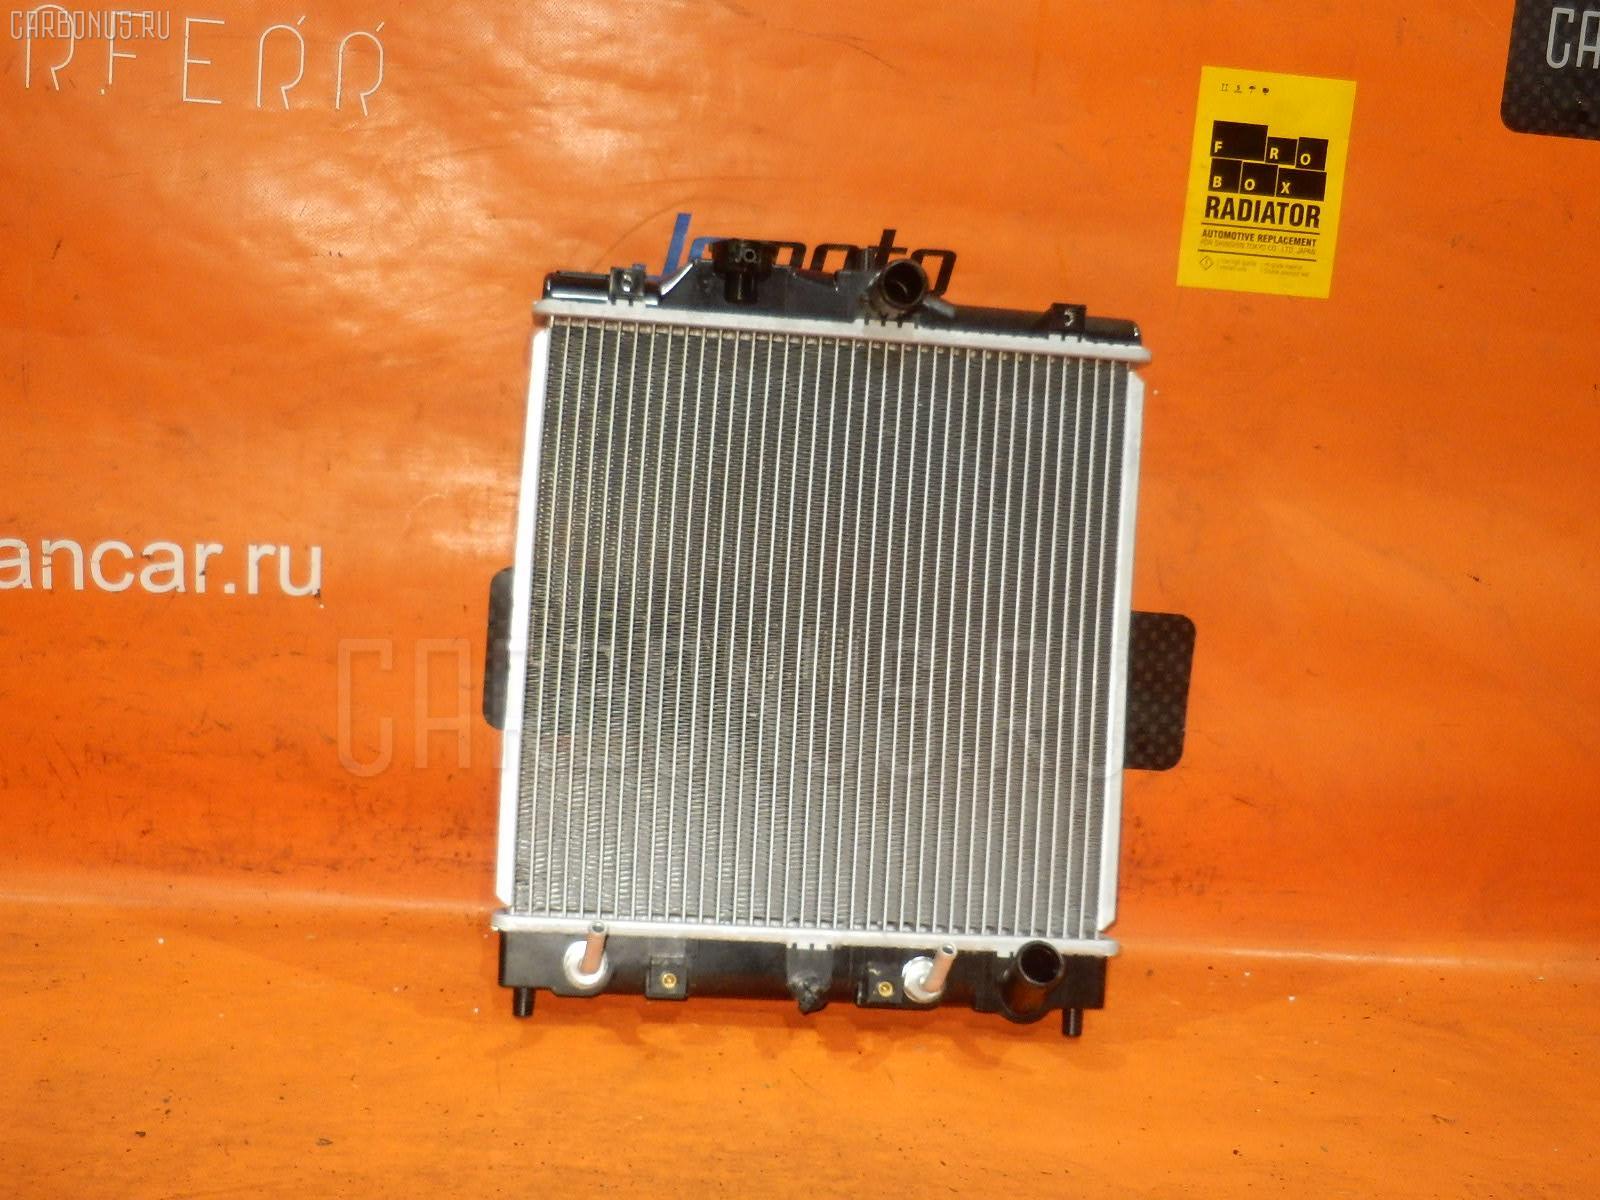 Радиатор ДВС HONDA PARTNER EY7 D15B Фото 1